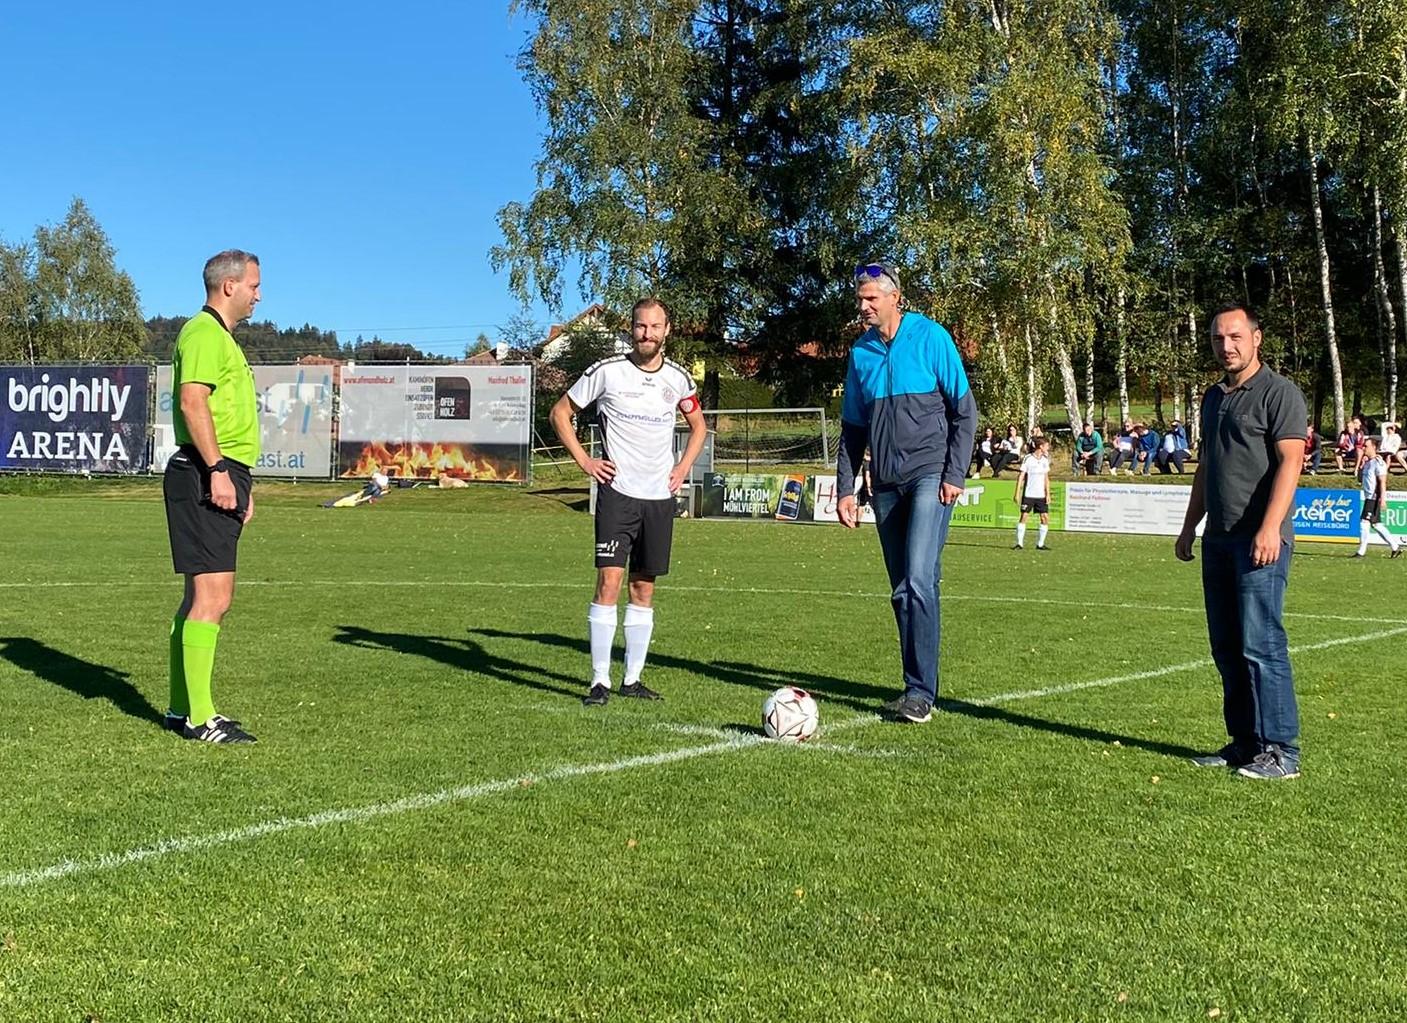 Ein herzliches Dankeschön an unseren Matchsponsor und Premium-Partner Intersport Pötscher (2.v.r. Gerald Trautner) sowie an den Matchballsponsor Fa. ÖkoFEN (1.v.r. Franz Baumüller)